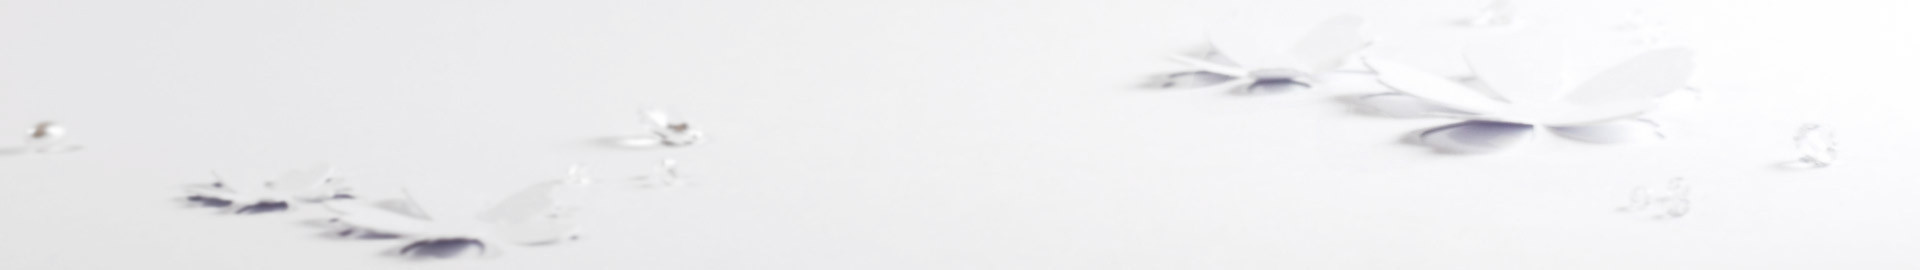 Boucles d'oreilles mariage en soie, xxl, oversize